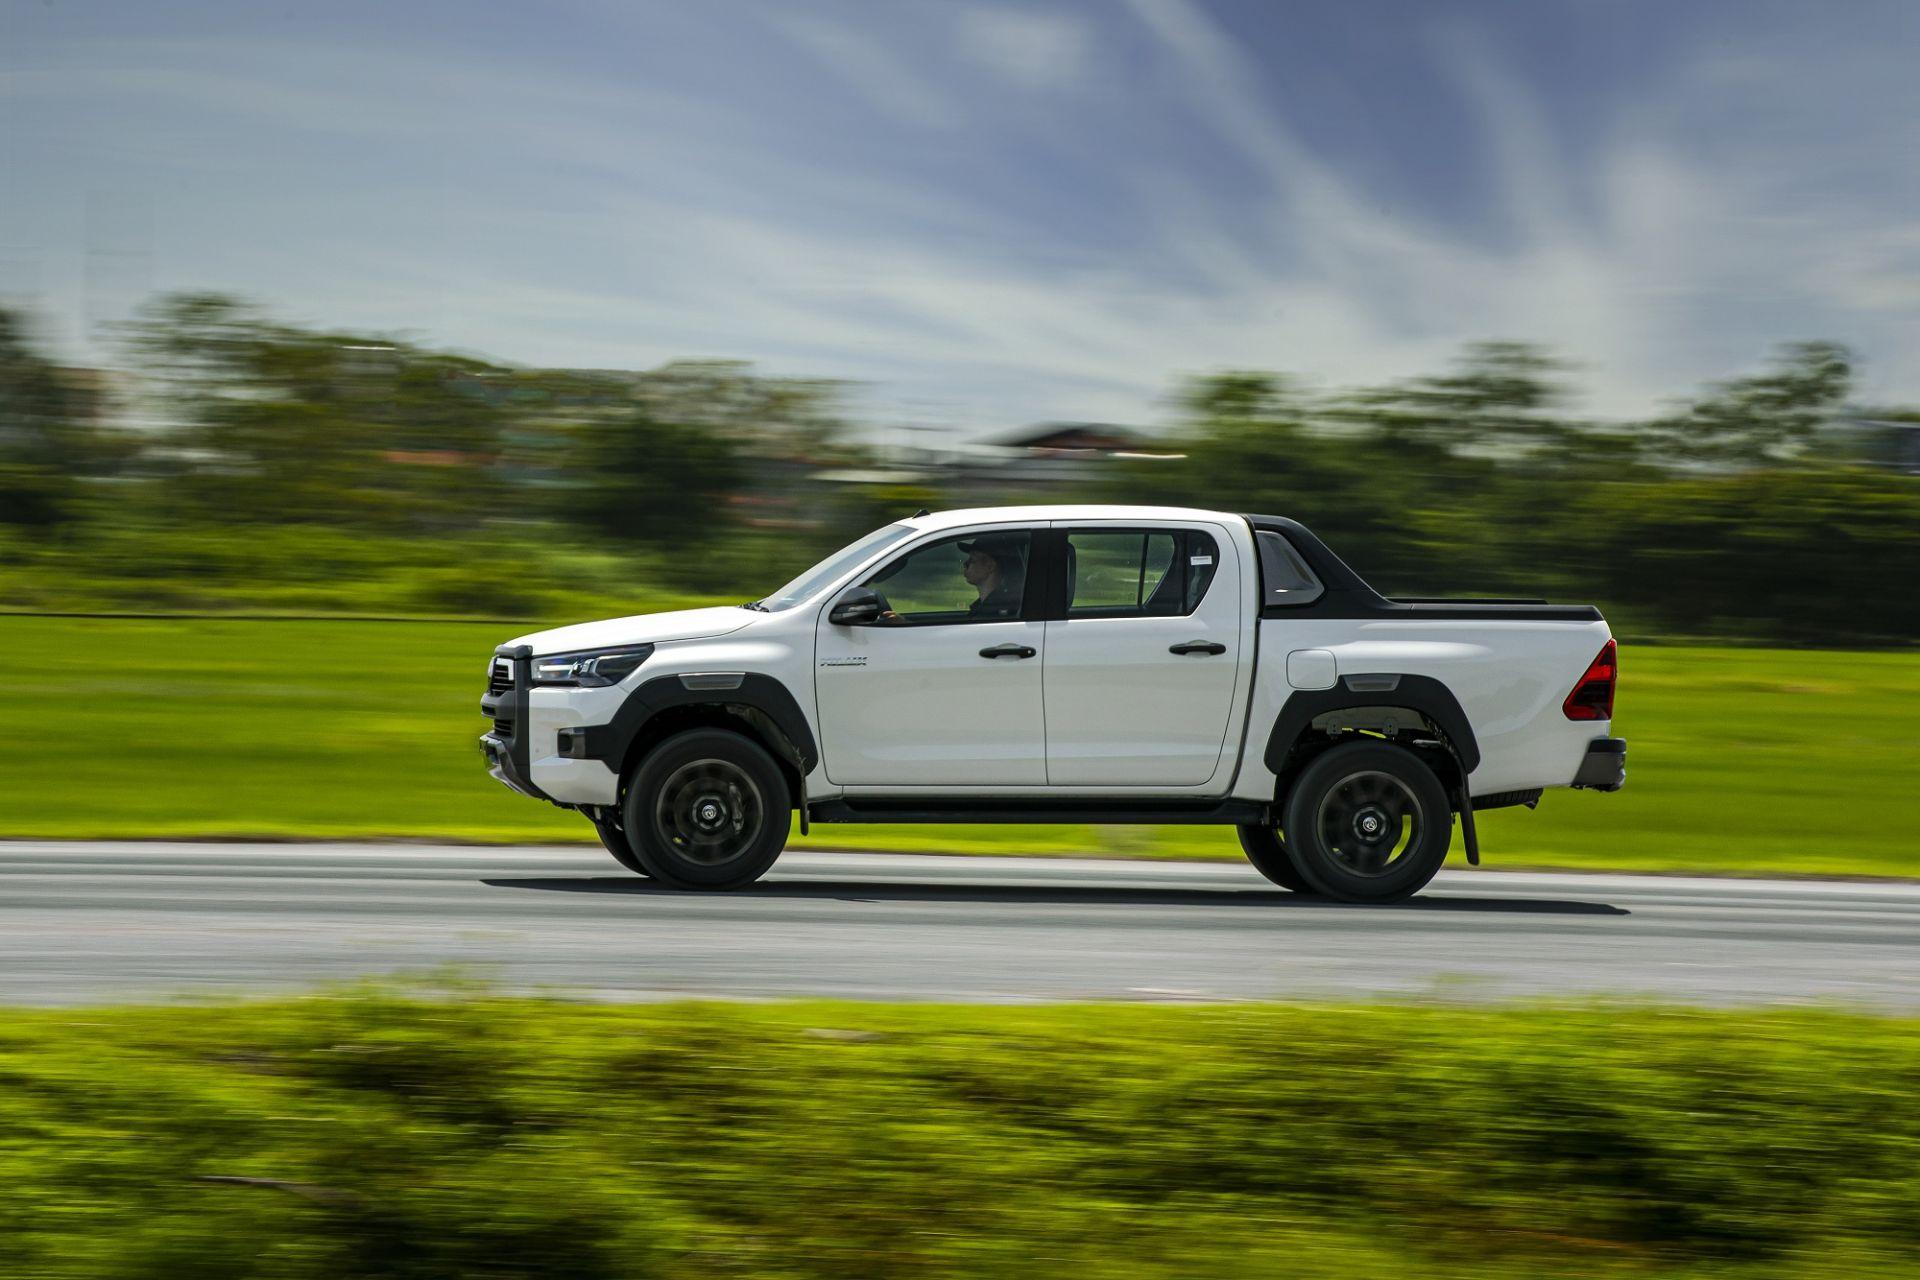 Giá lăn bánh Toyota Hilux 2020 mới nhất